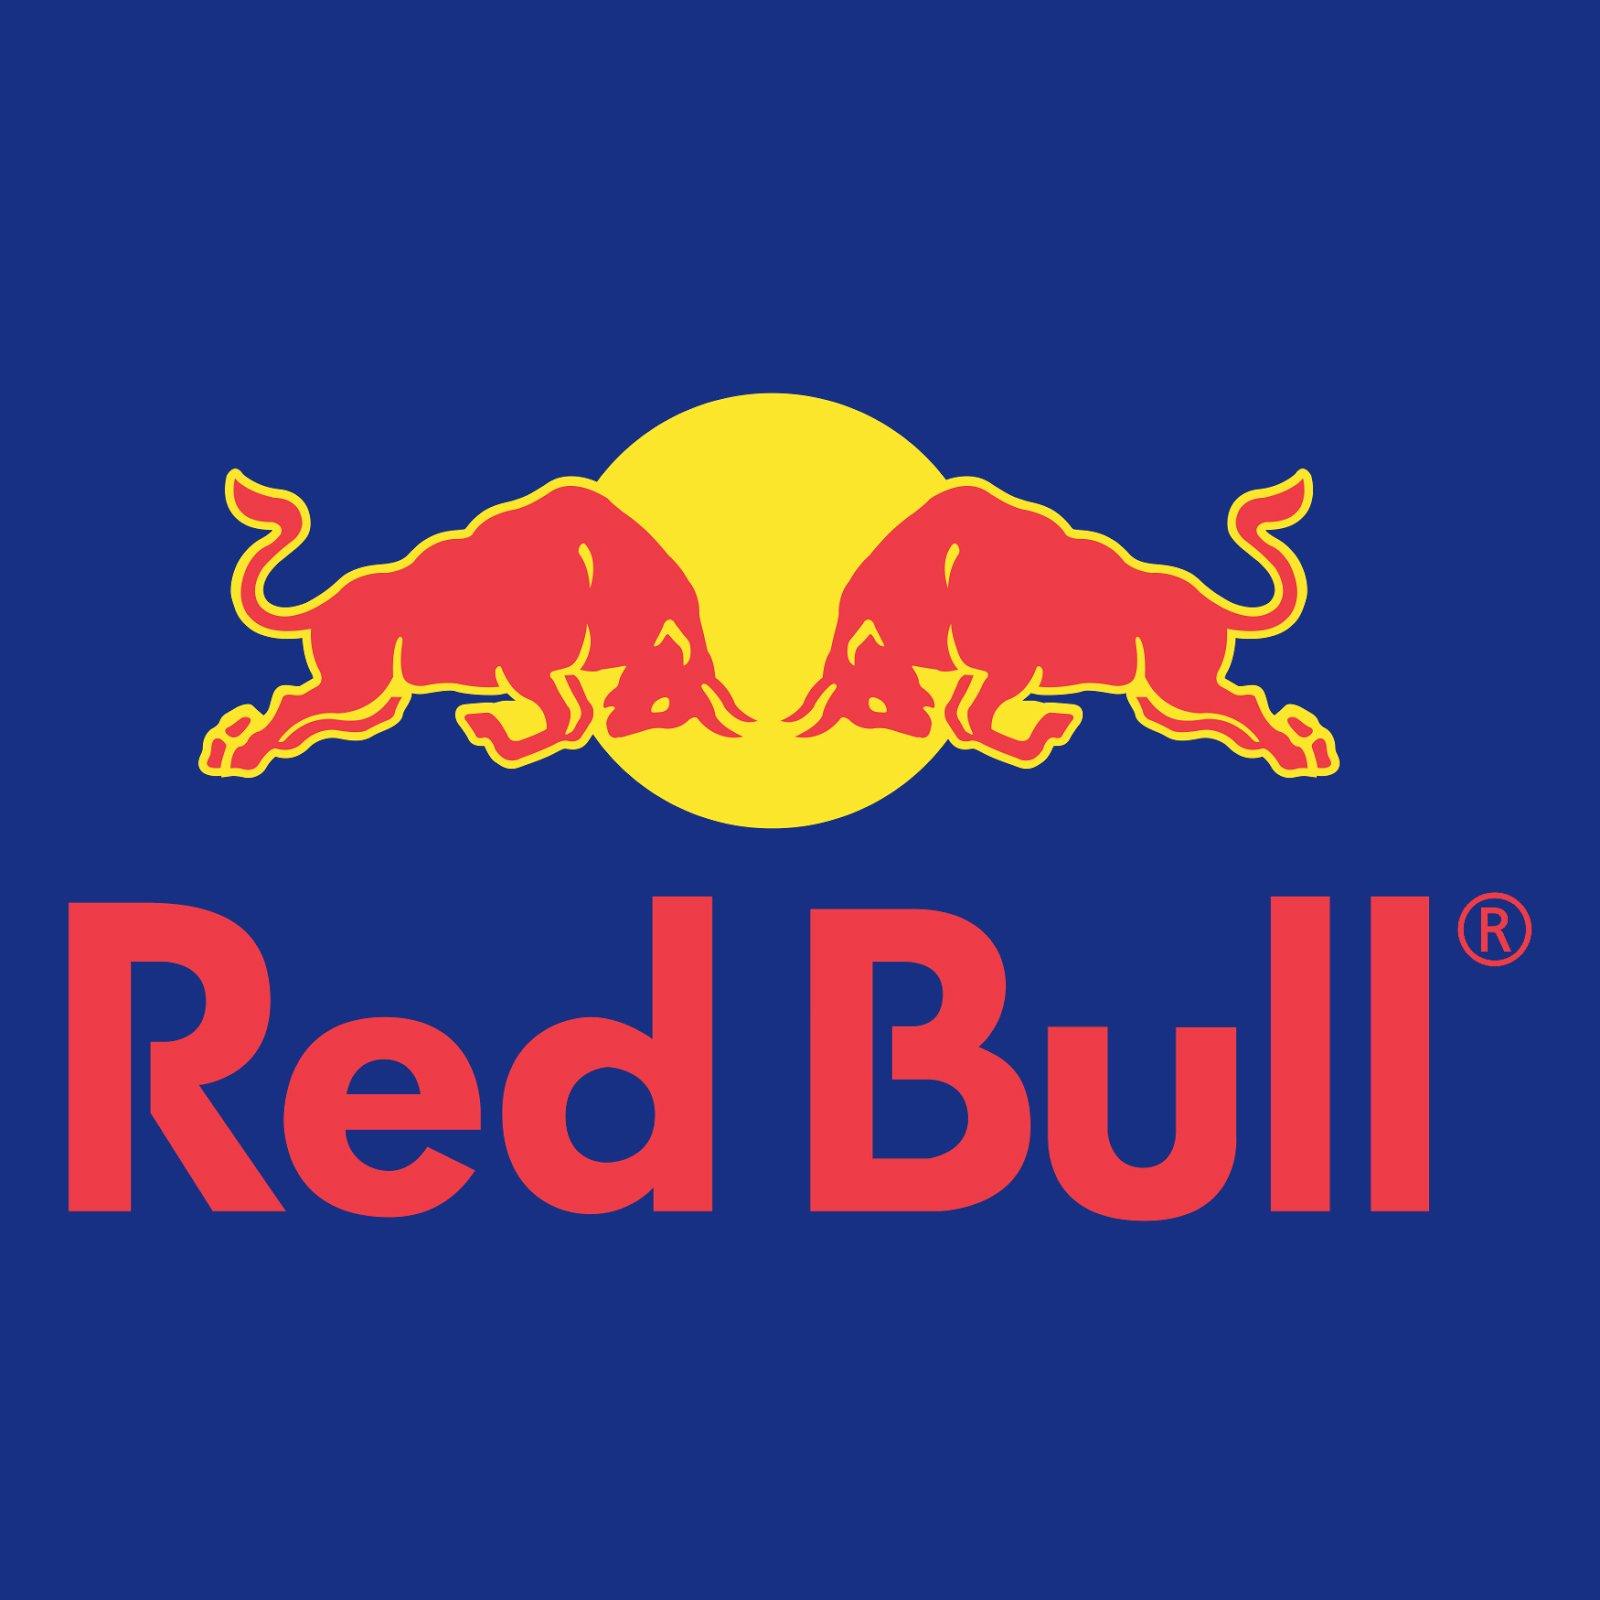 logo red bull histoire image de symbole et embl232me